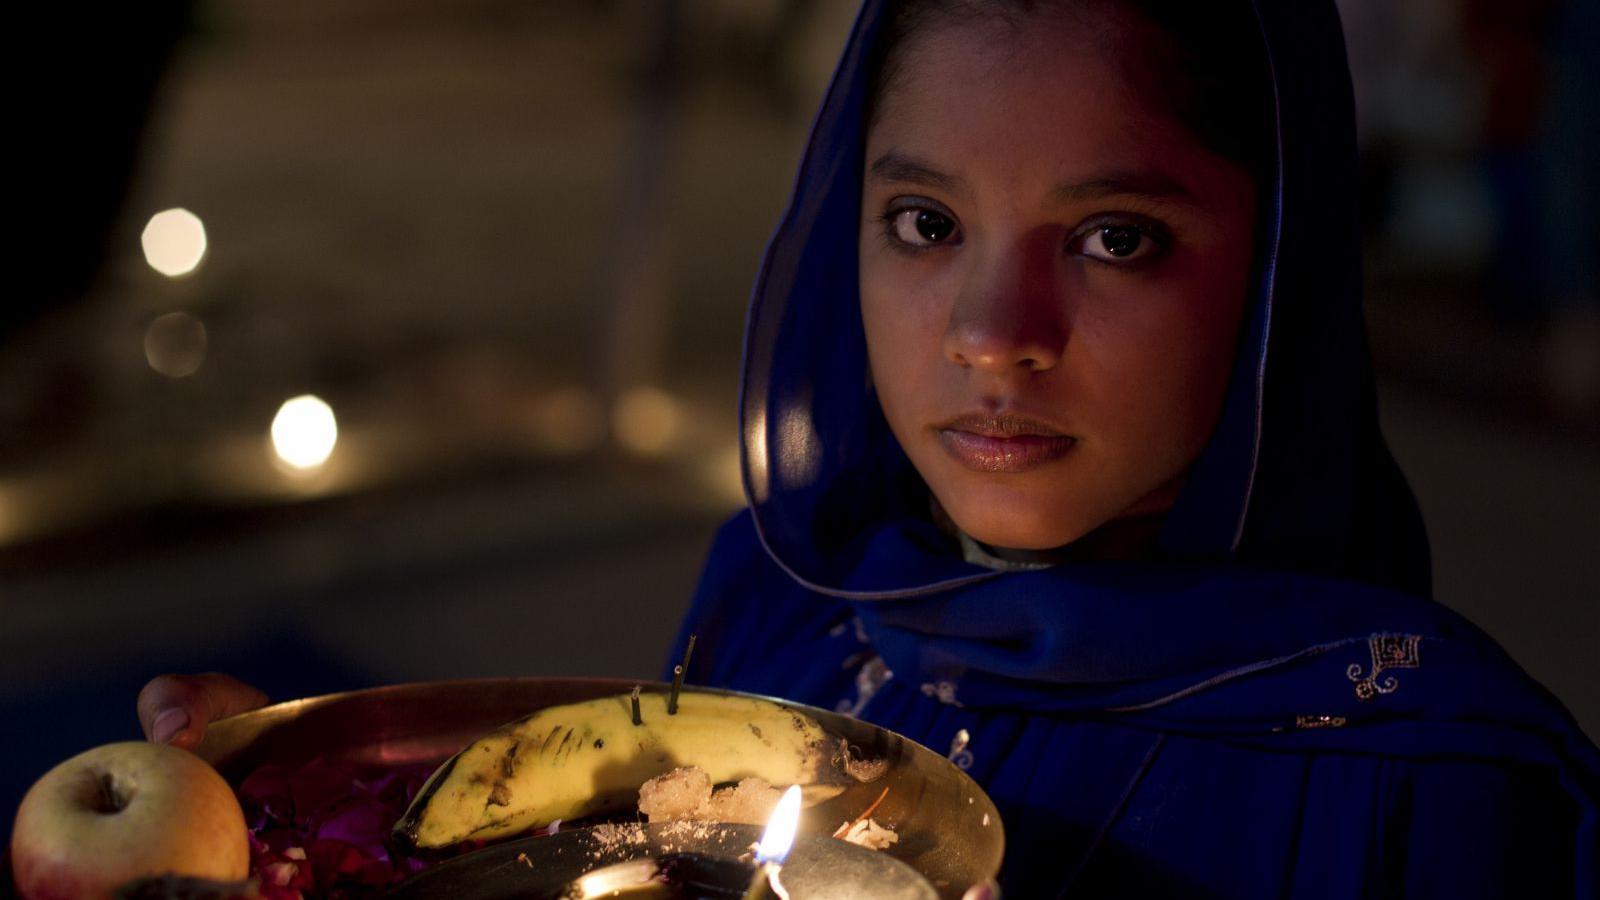 భారత దేశంలో అంతరించి పోతున్న హిందువులు - ఒక పరిశోధనలో జీర్ణించుకోలేని సత్యాలు - Bharatha Desam lo Kanumarugu Kaanunna Hindu Samaajam